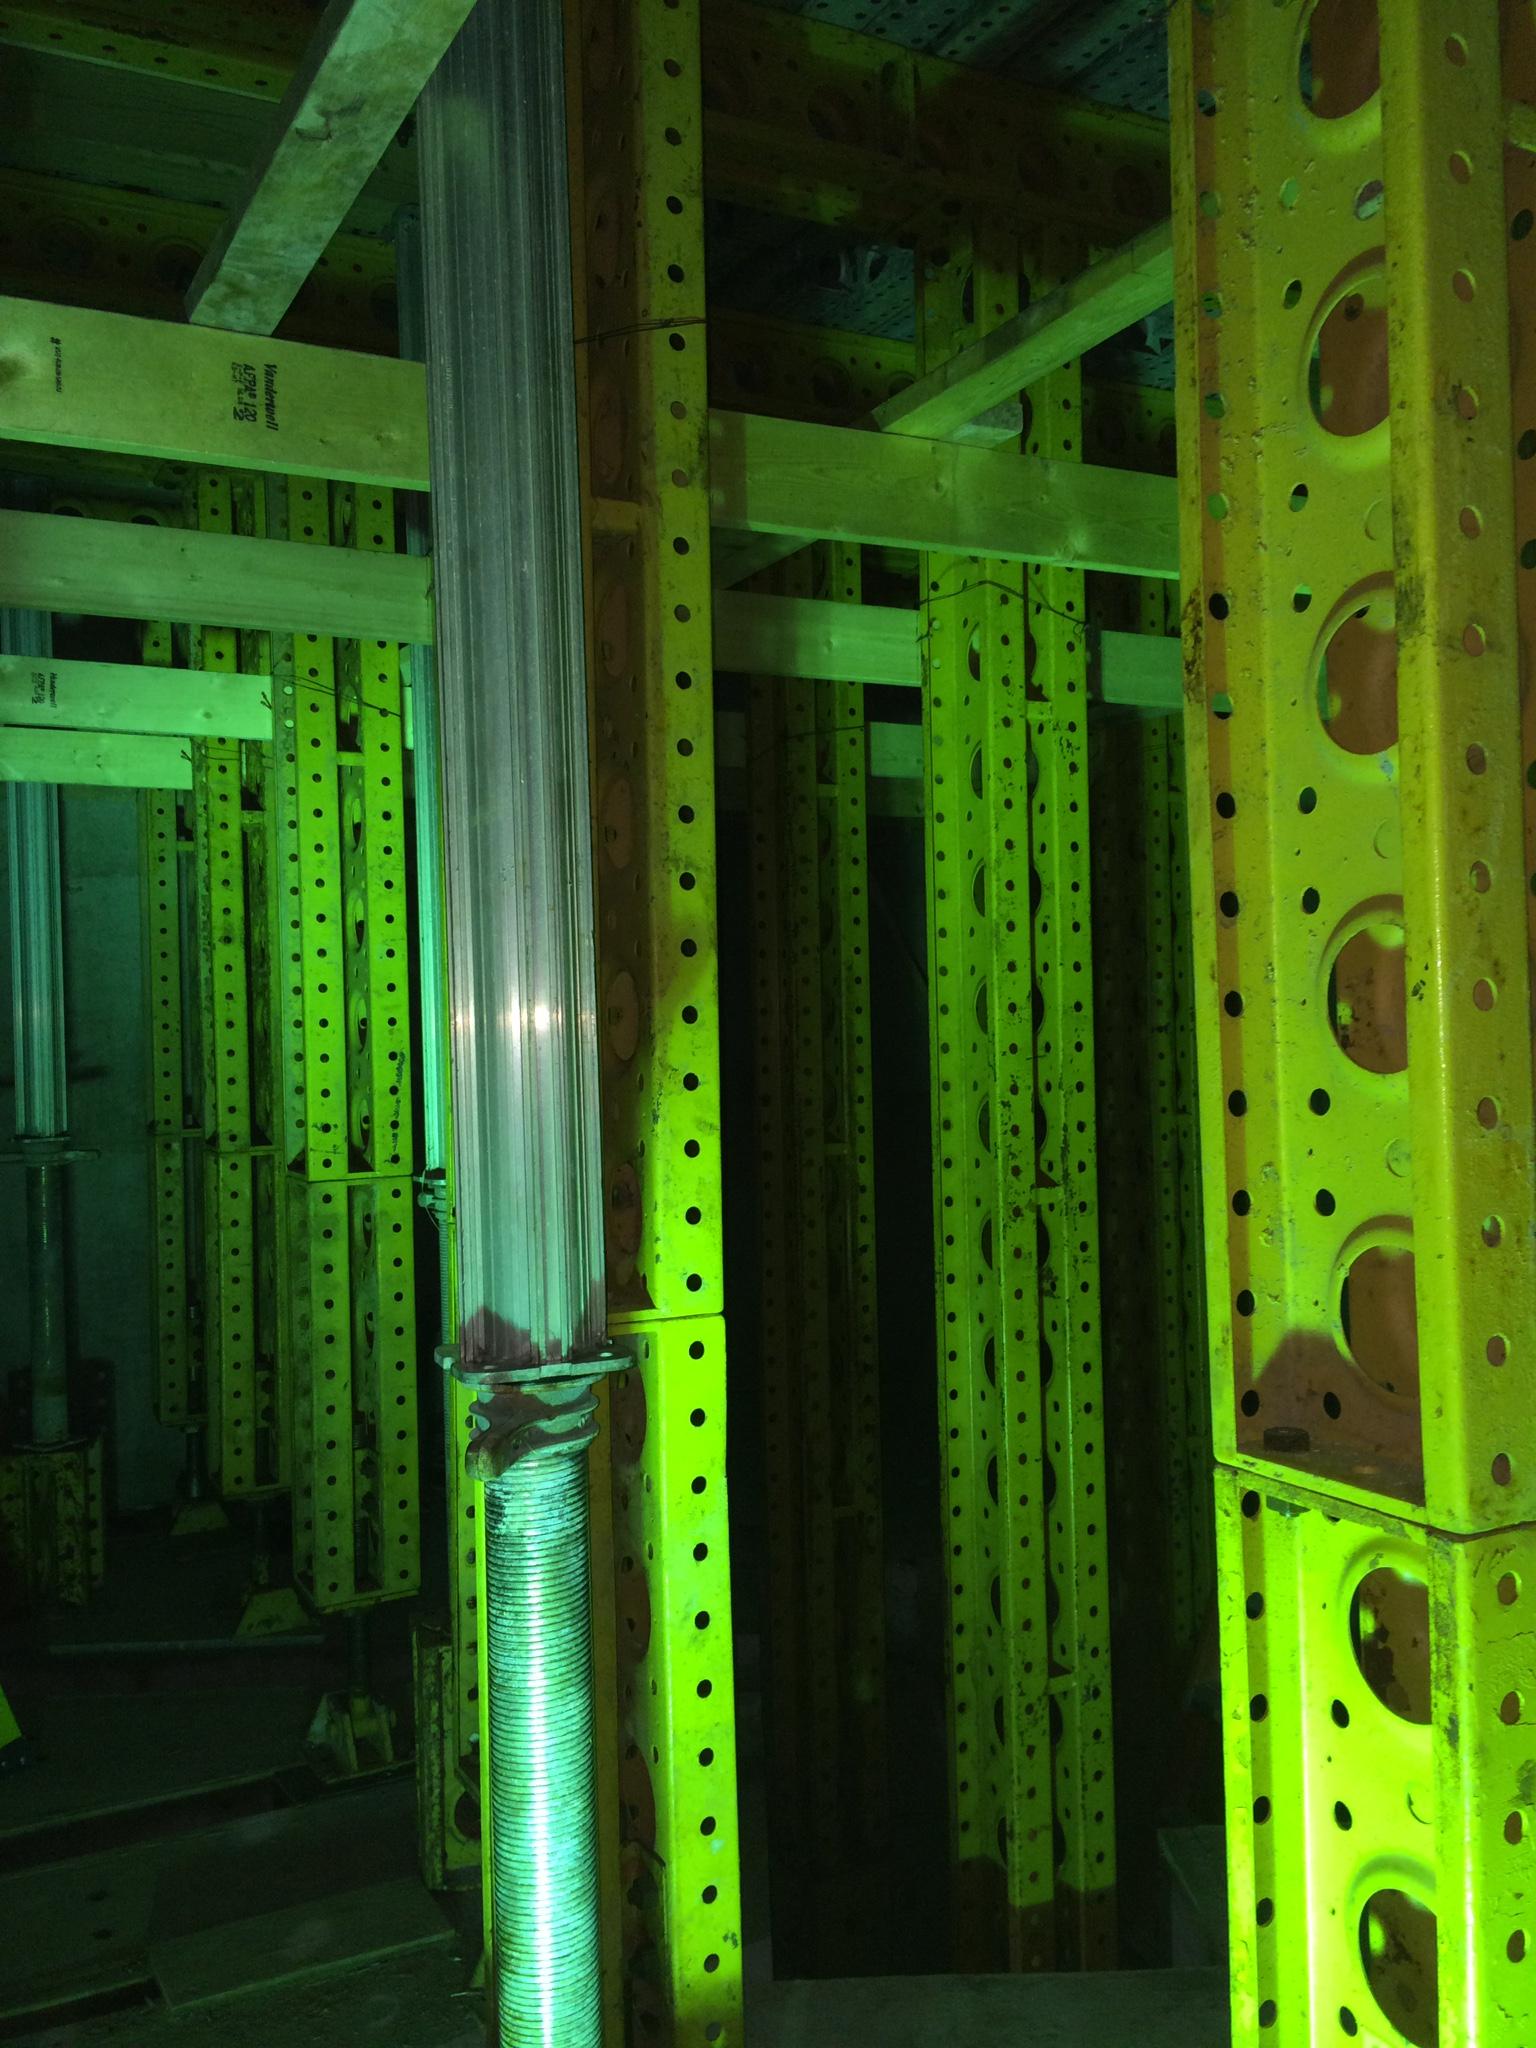 Inside bunker framework